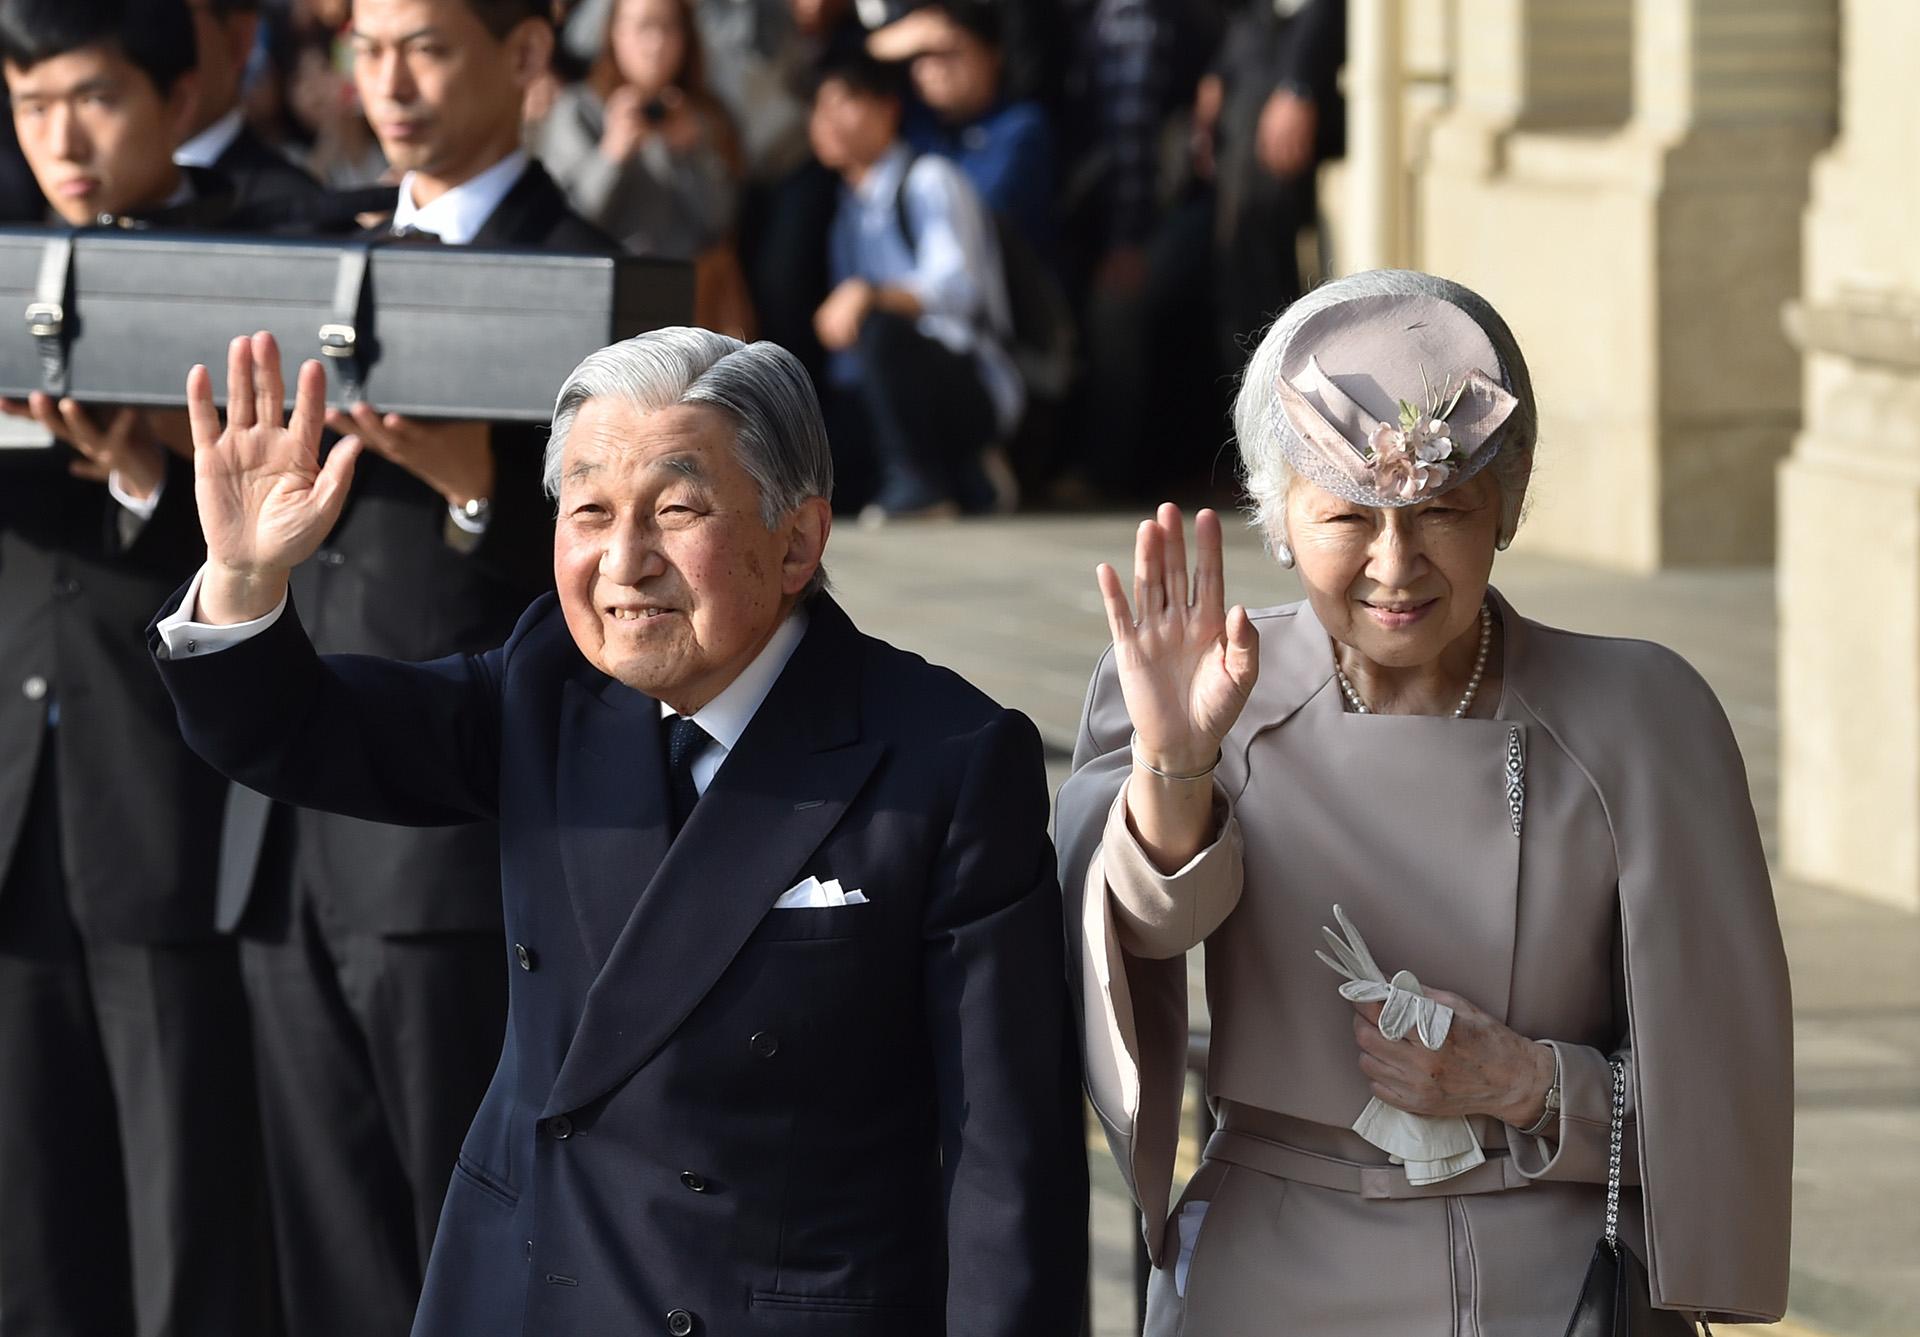 El emperador, de 85 años, llegó al trono en 1989 tras la muerte de su padre, Hirohito